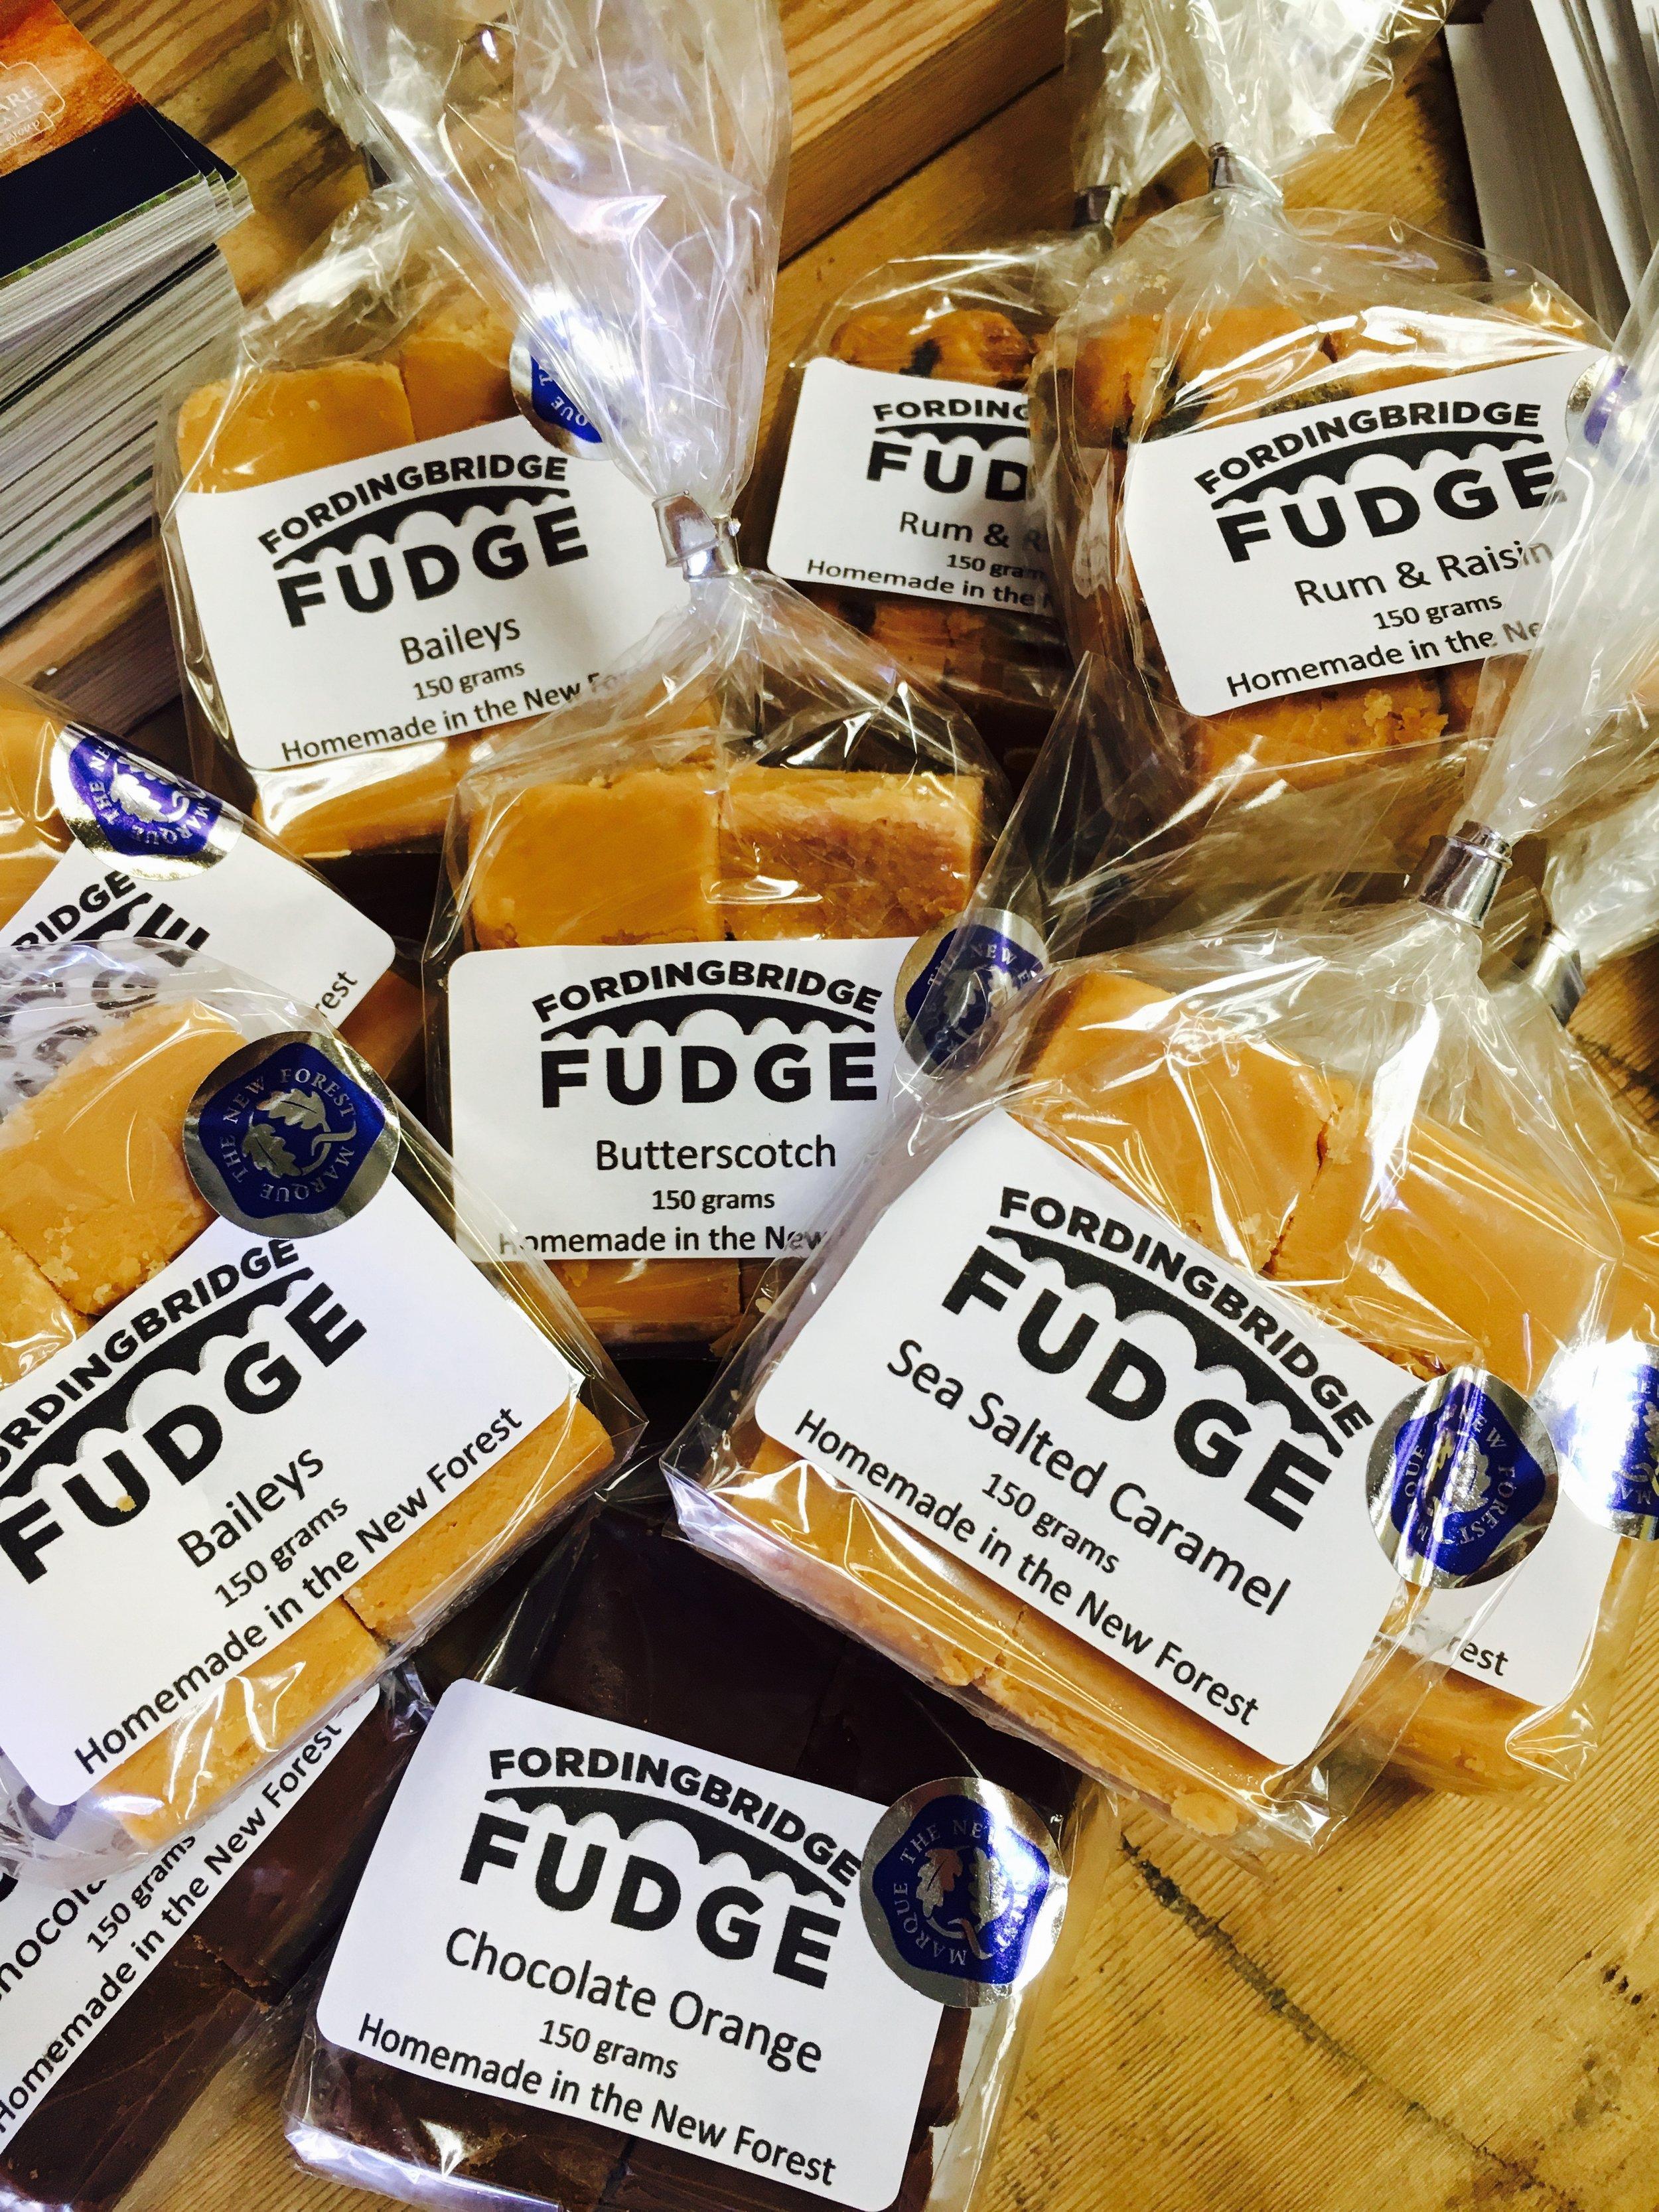 Fordingbridge Fudge